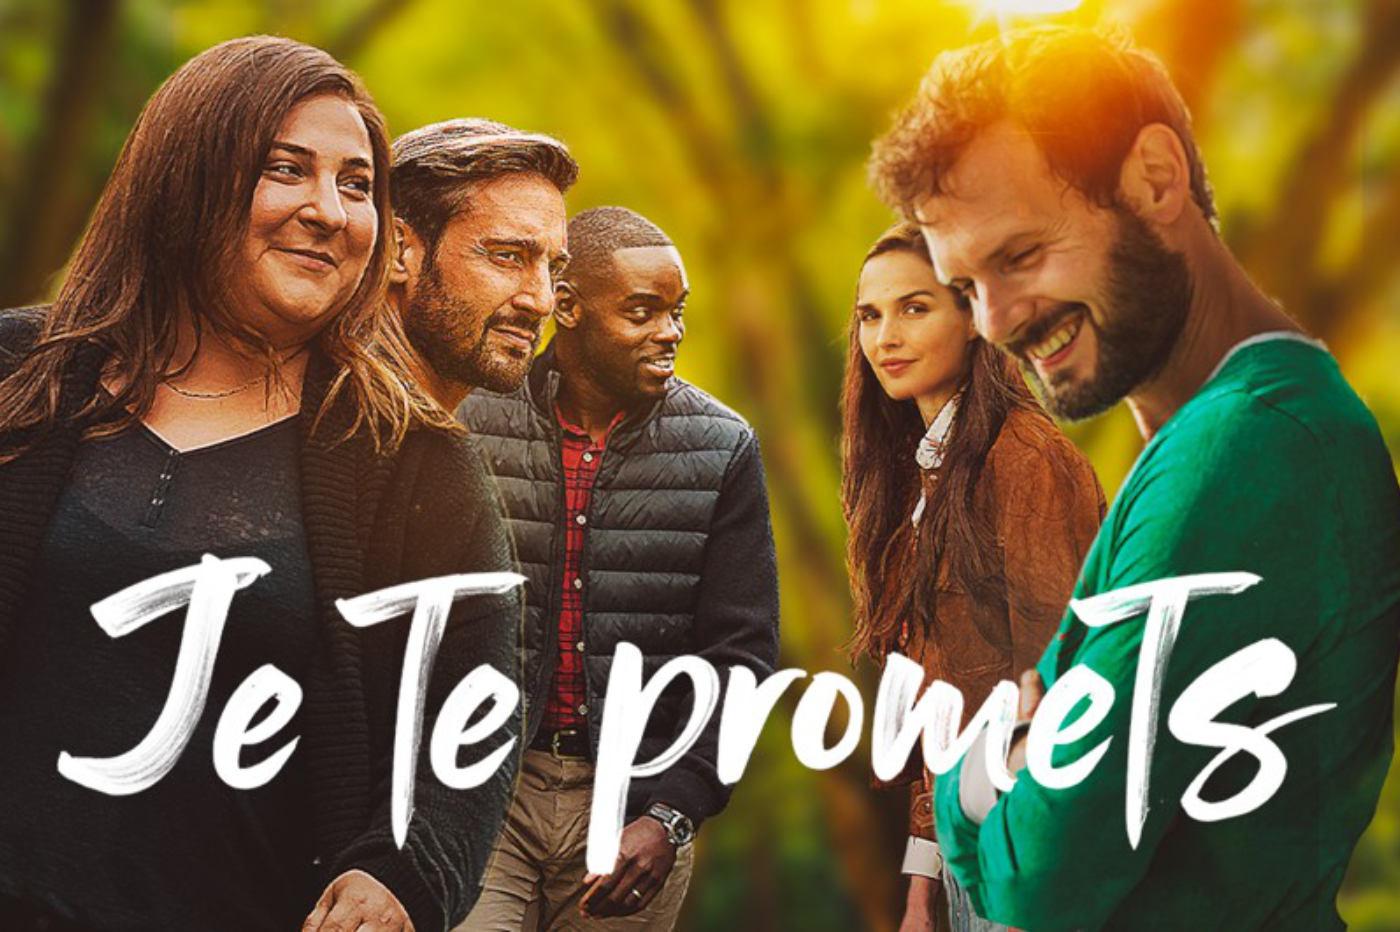 Casting nombreux figurants 18 à 99 ans pour la saison 2 de la série je te promets sur TF1